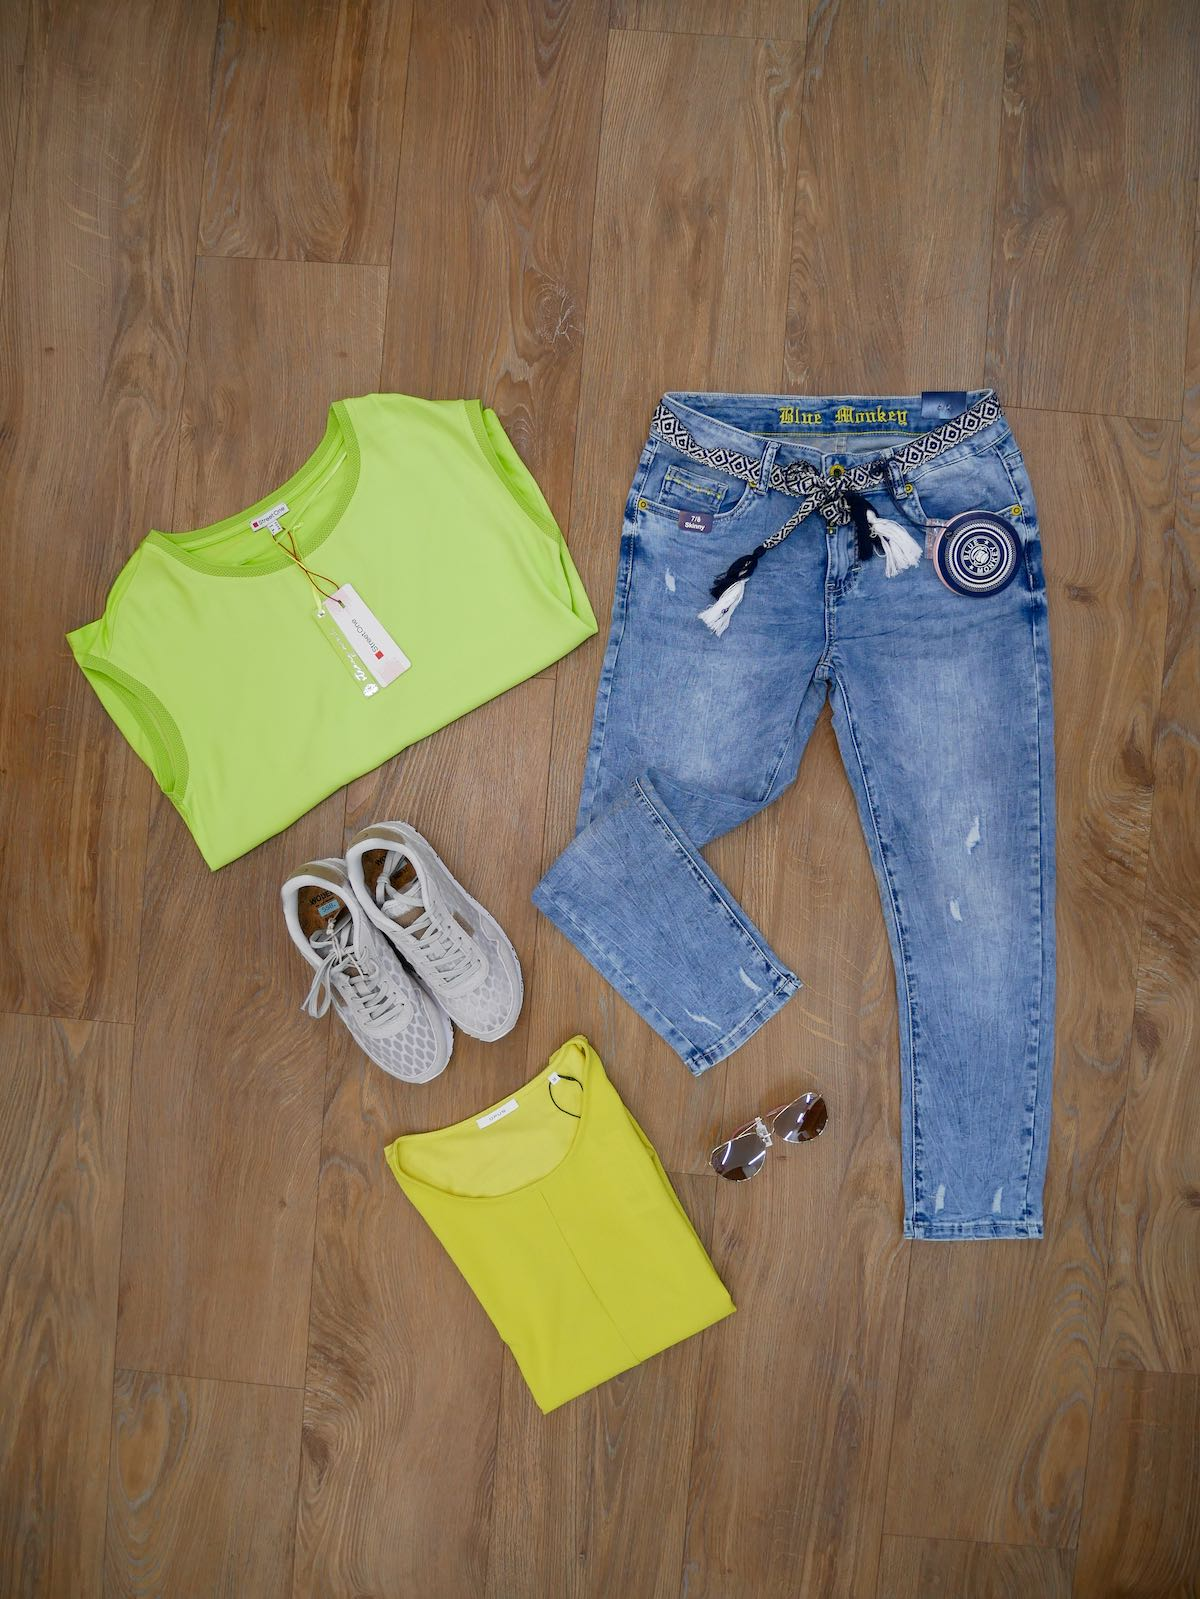 Blue Monkey Jeans - Woden Schuhe - Opus Shirt